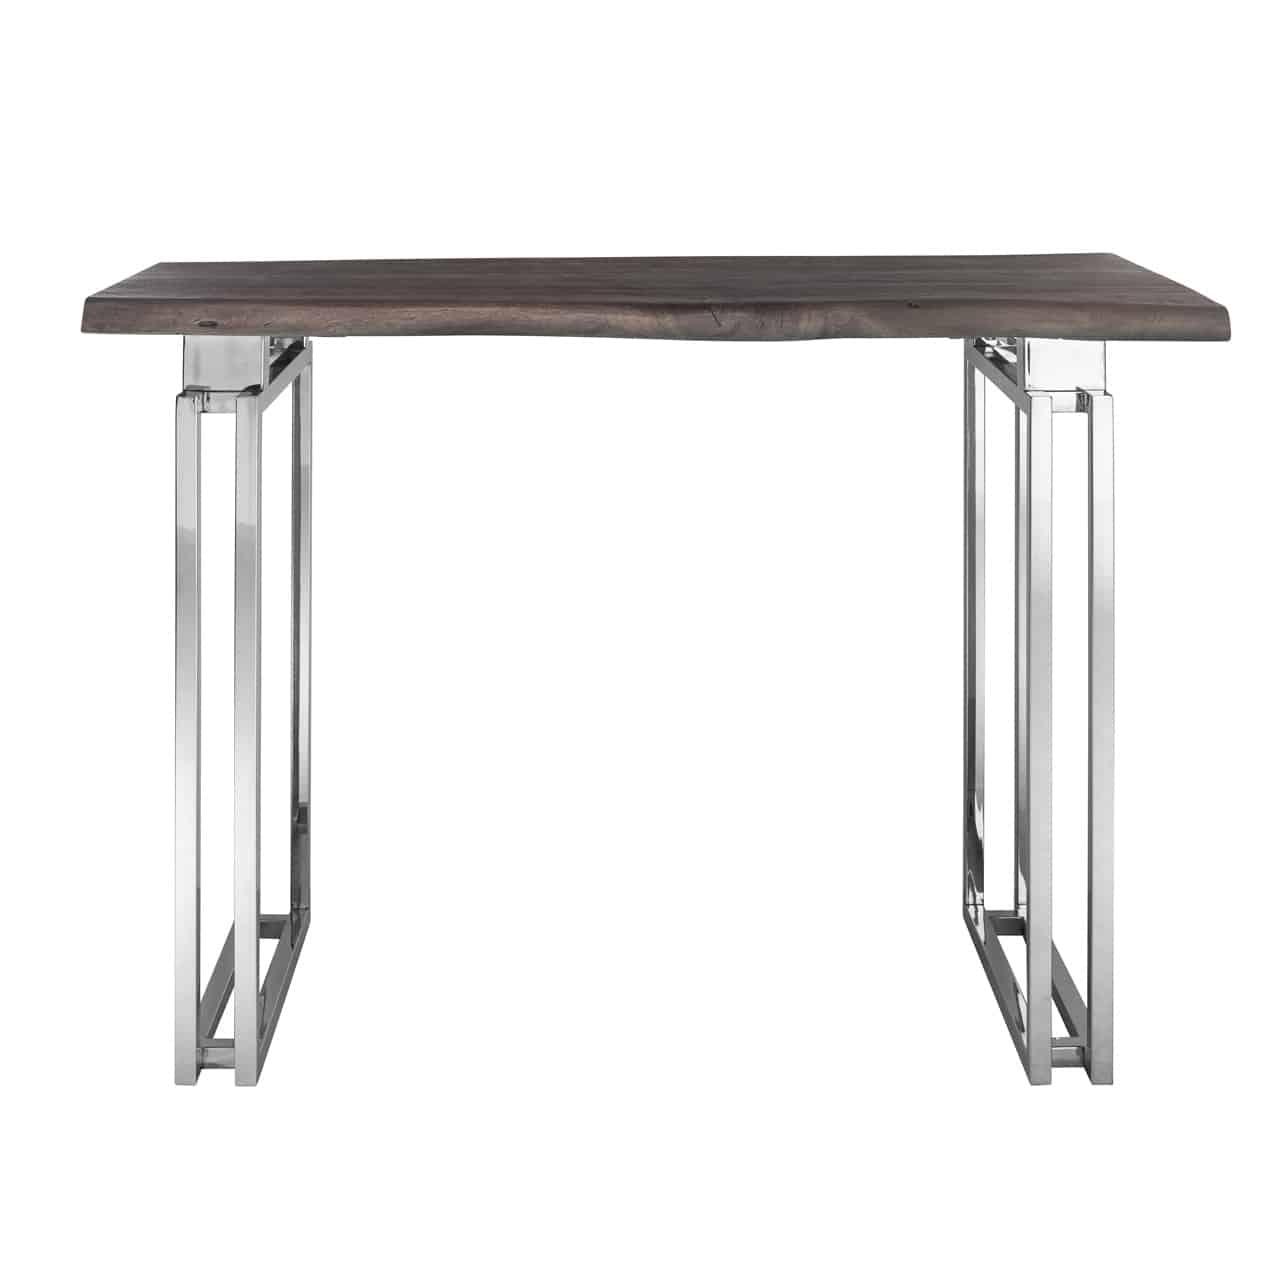 RI - 9135 bárasztal